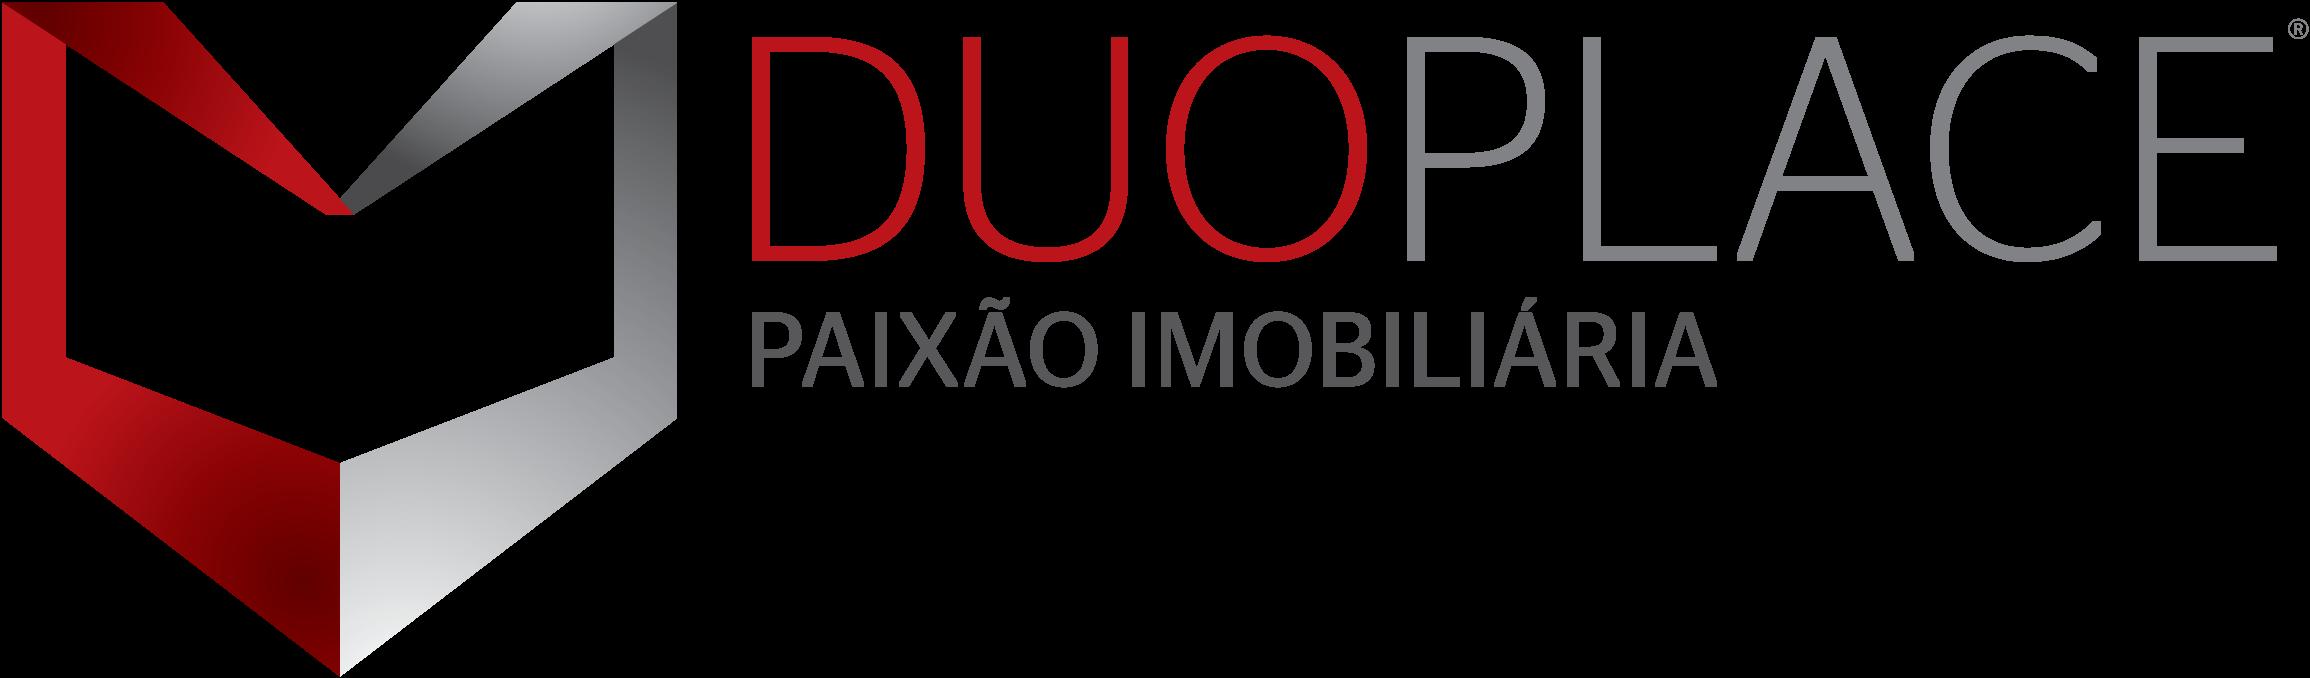 DuoPlace - Mediação e Gestão Imobiliária Lda